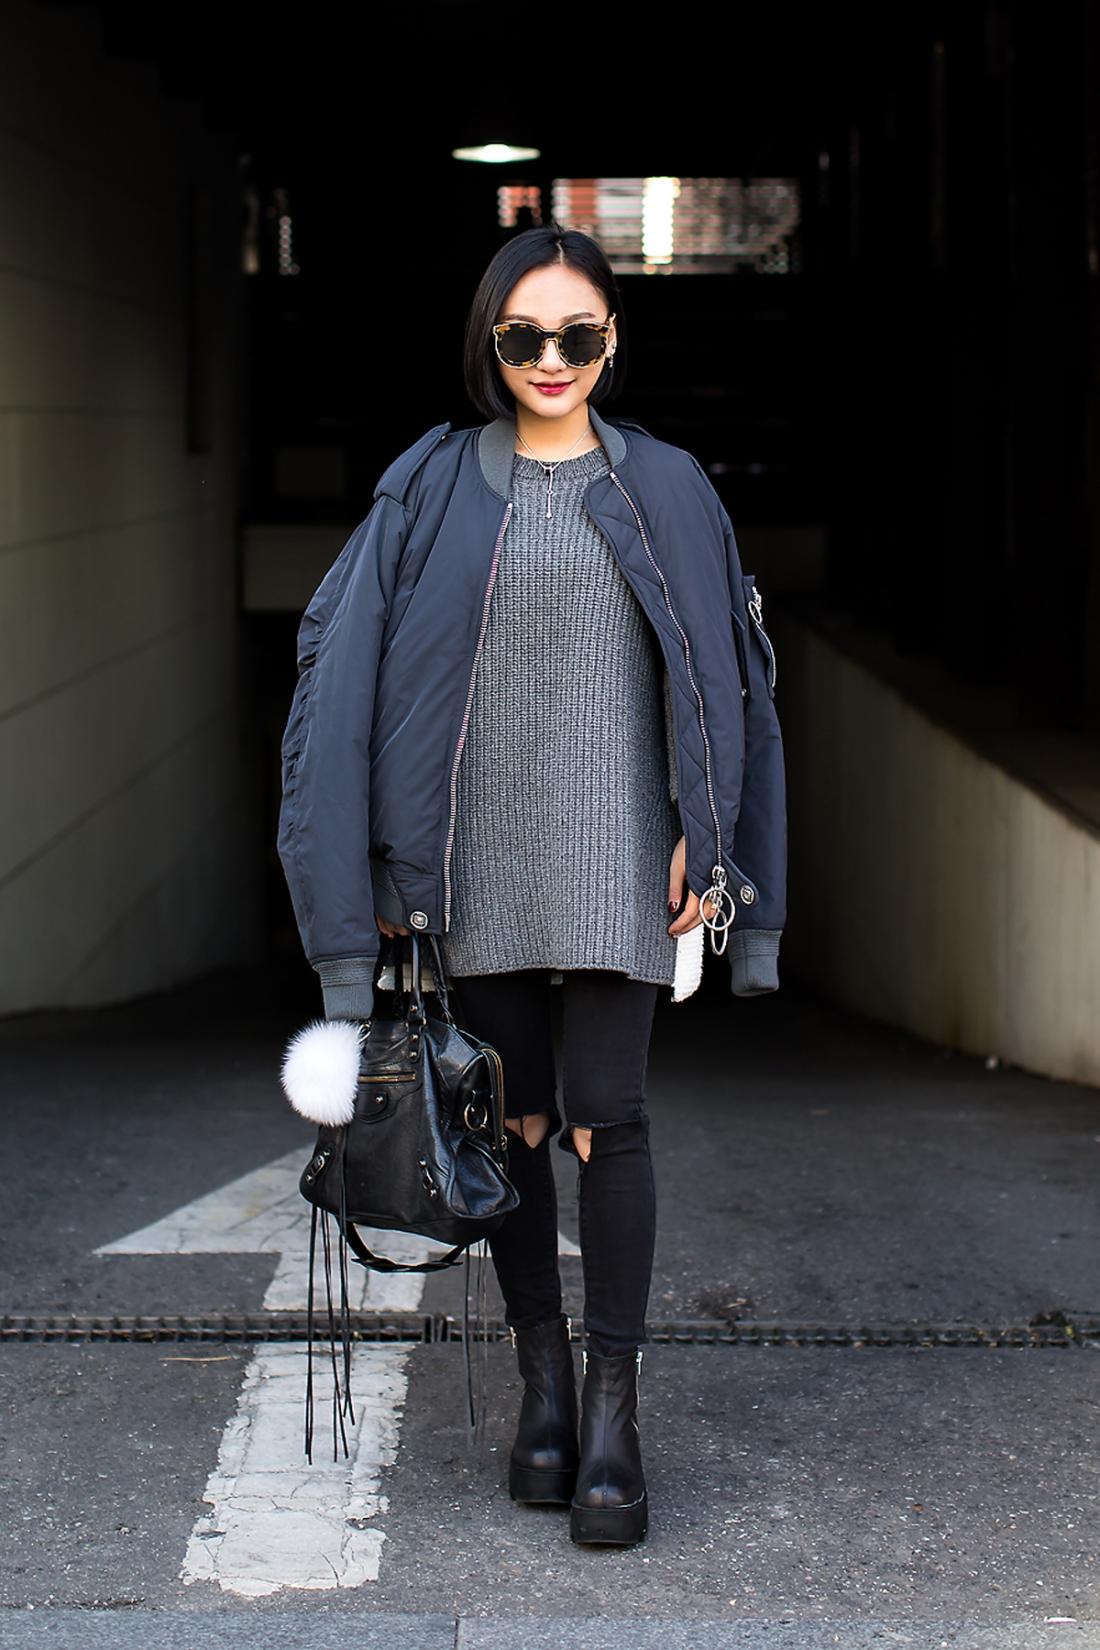 Qian Wang, Street Fashion 2017 in SEOUL.jpg